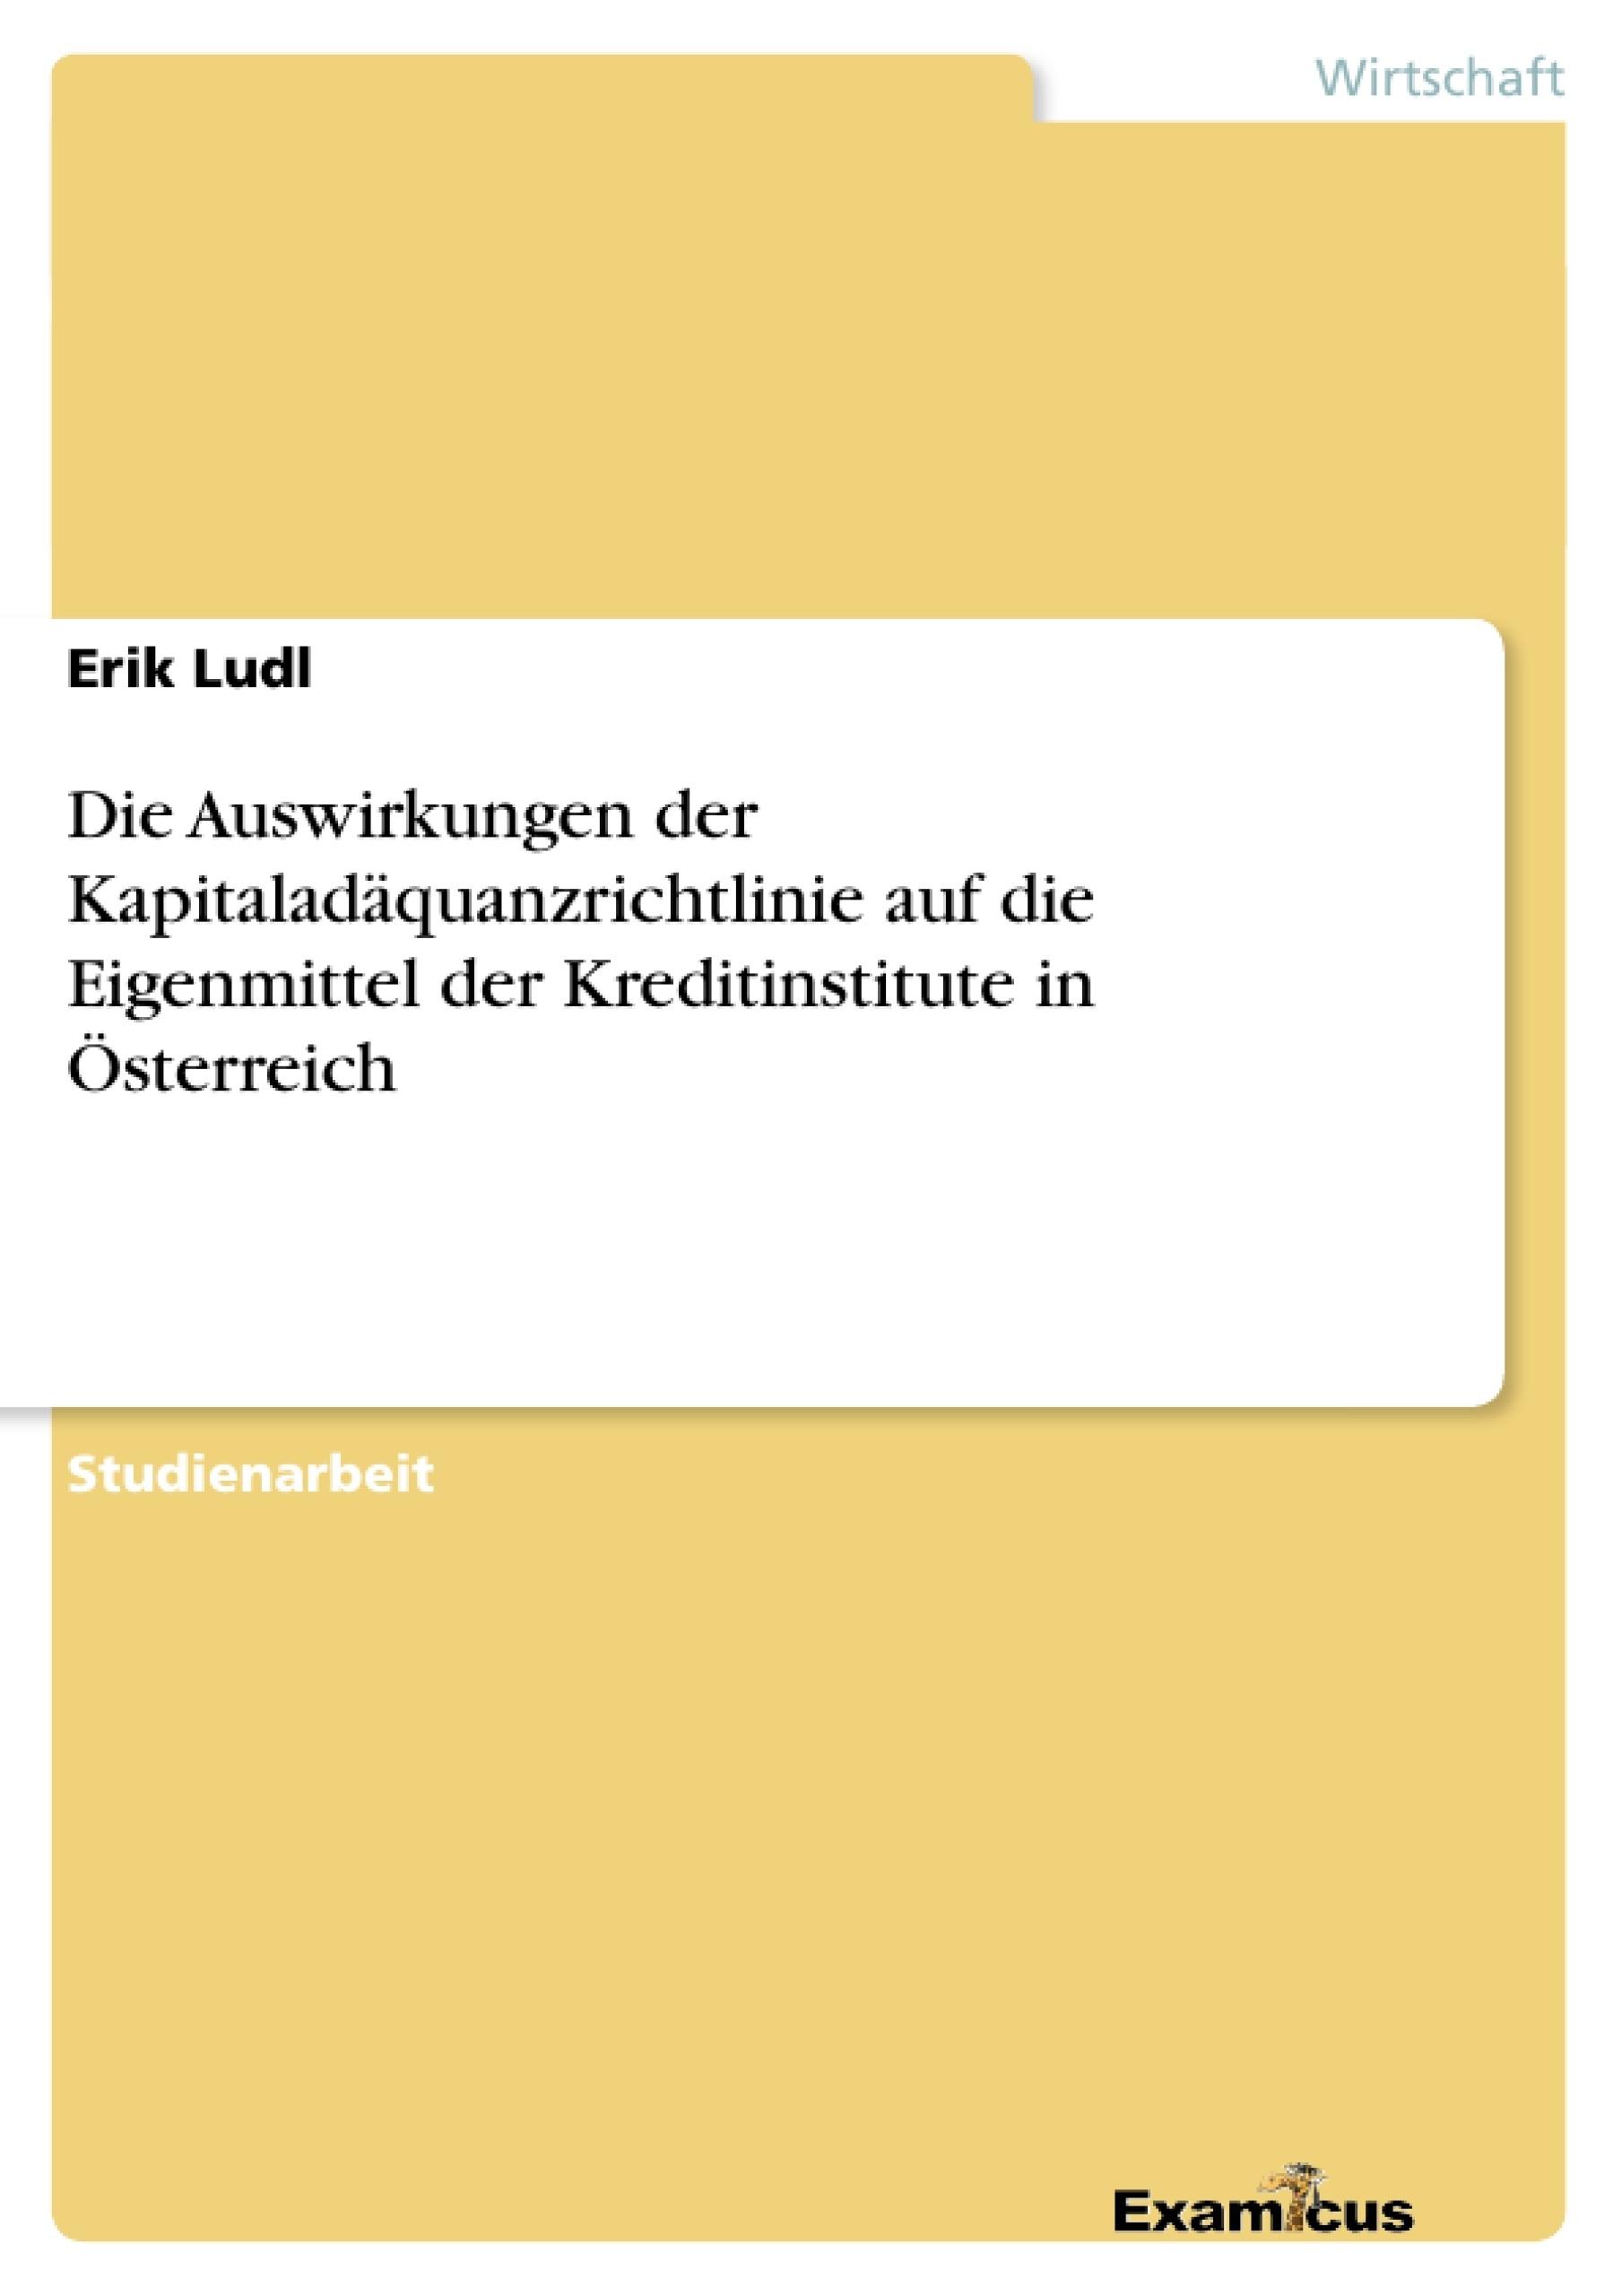 Titel: Die Auswirkungen der Kapitaladäquanzrichtlinie auf die Eigenmittel der Kreditinstitute in Österreich